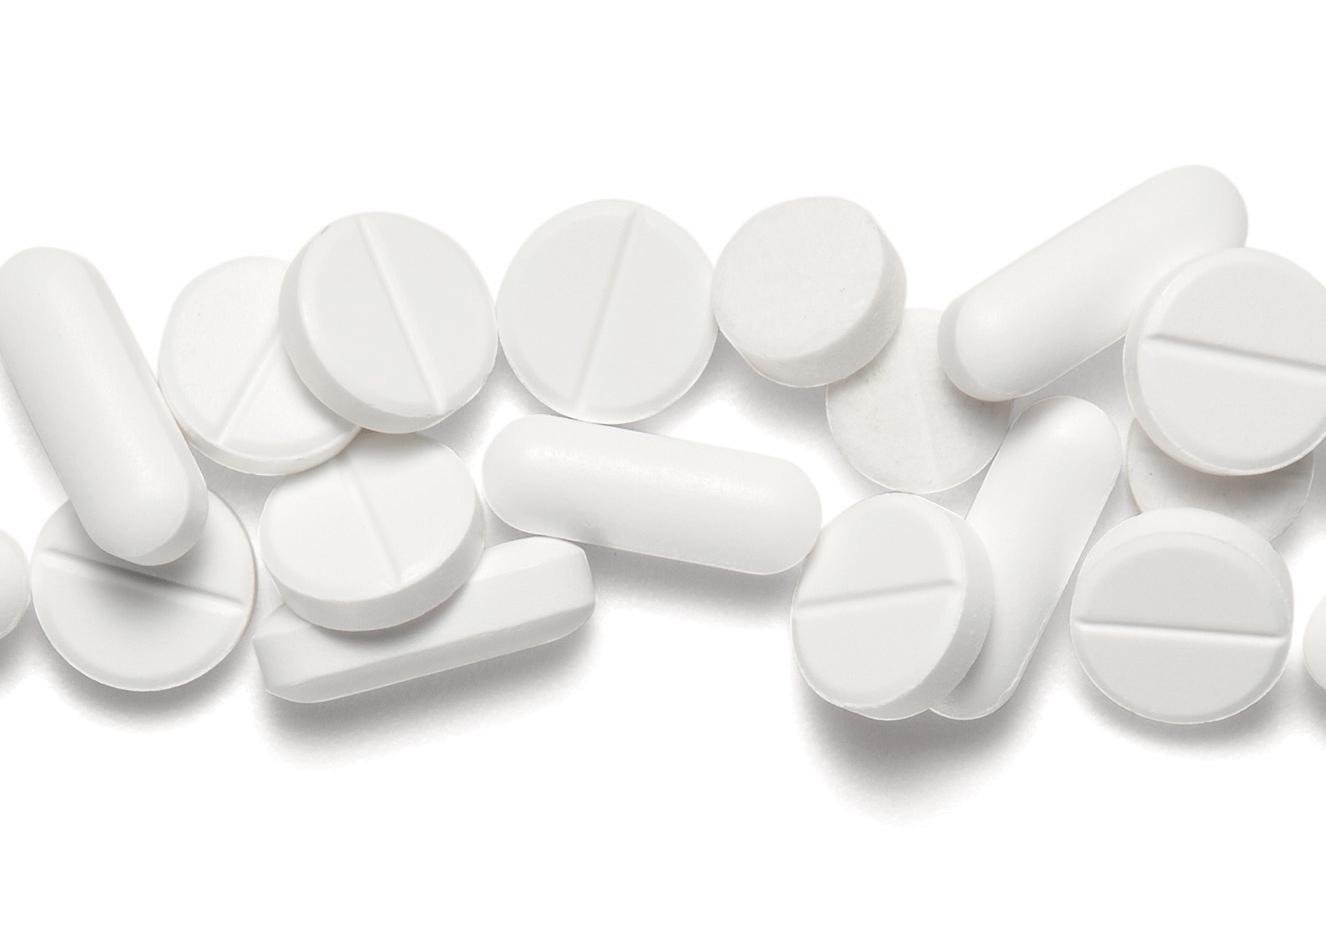 para que serve azitromicina di hidratada 500 mg